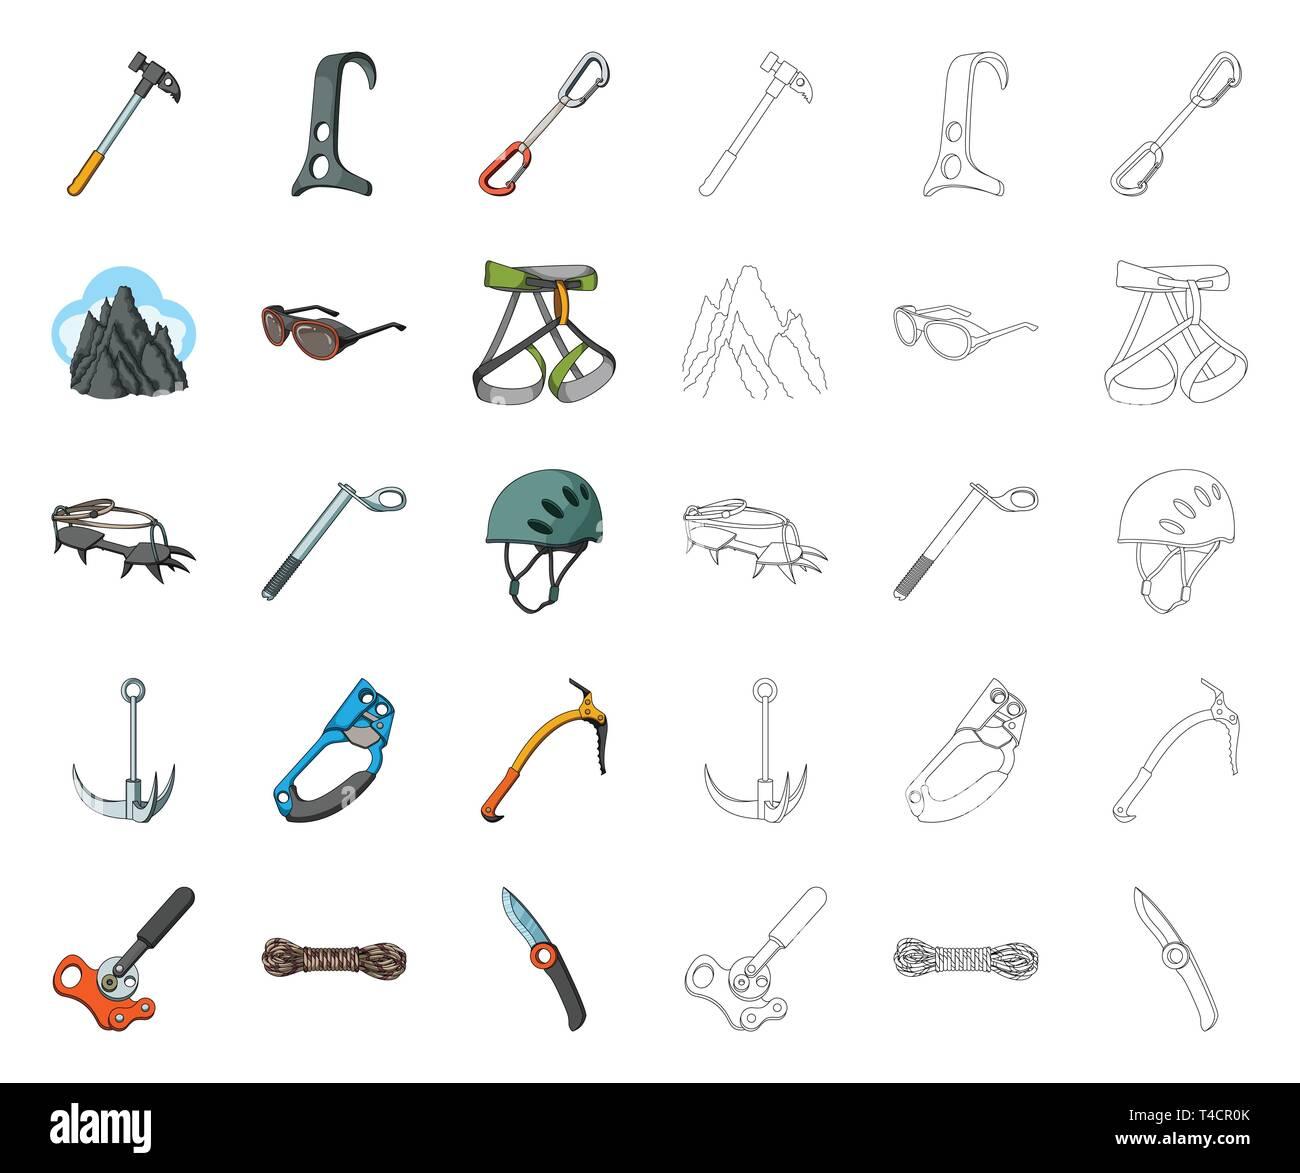 151ed0c4632 Montañismo y escalada cartoon,outline iconos en conjunto para el diseño.  Equipos y accesorios